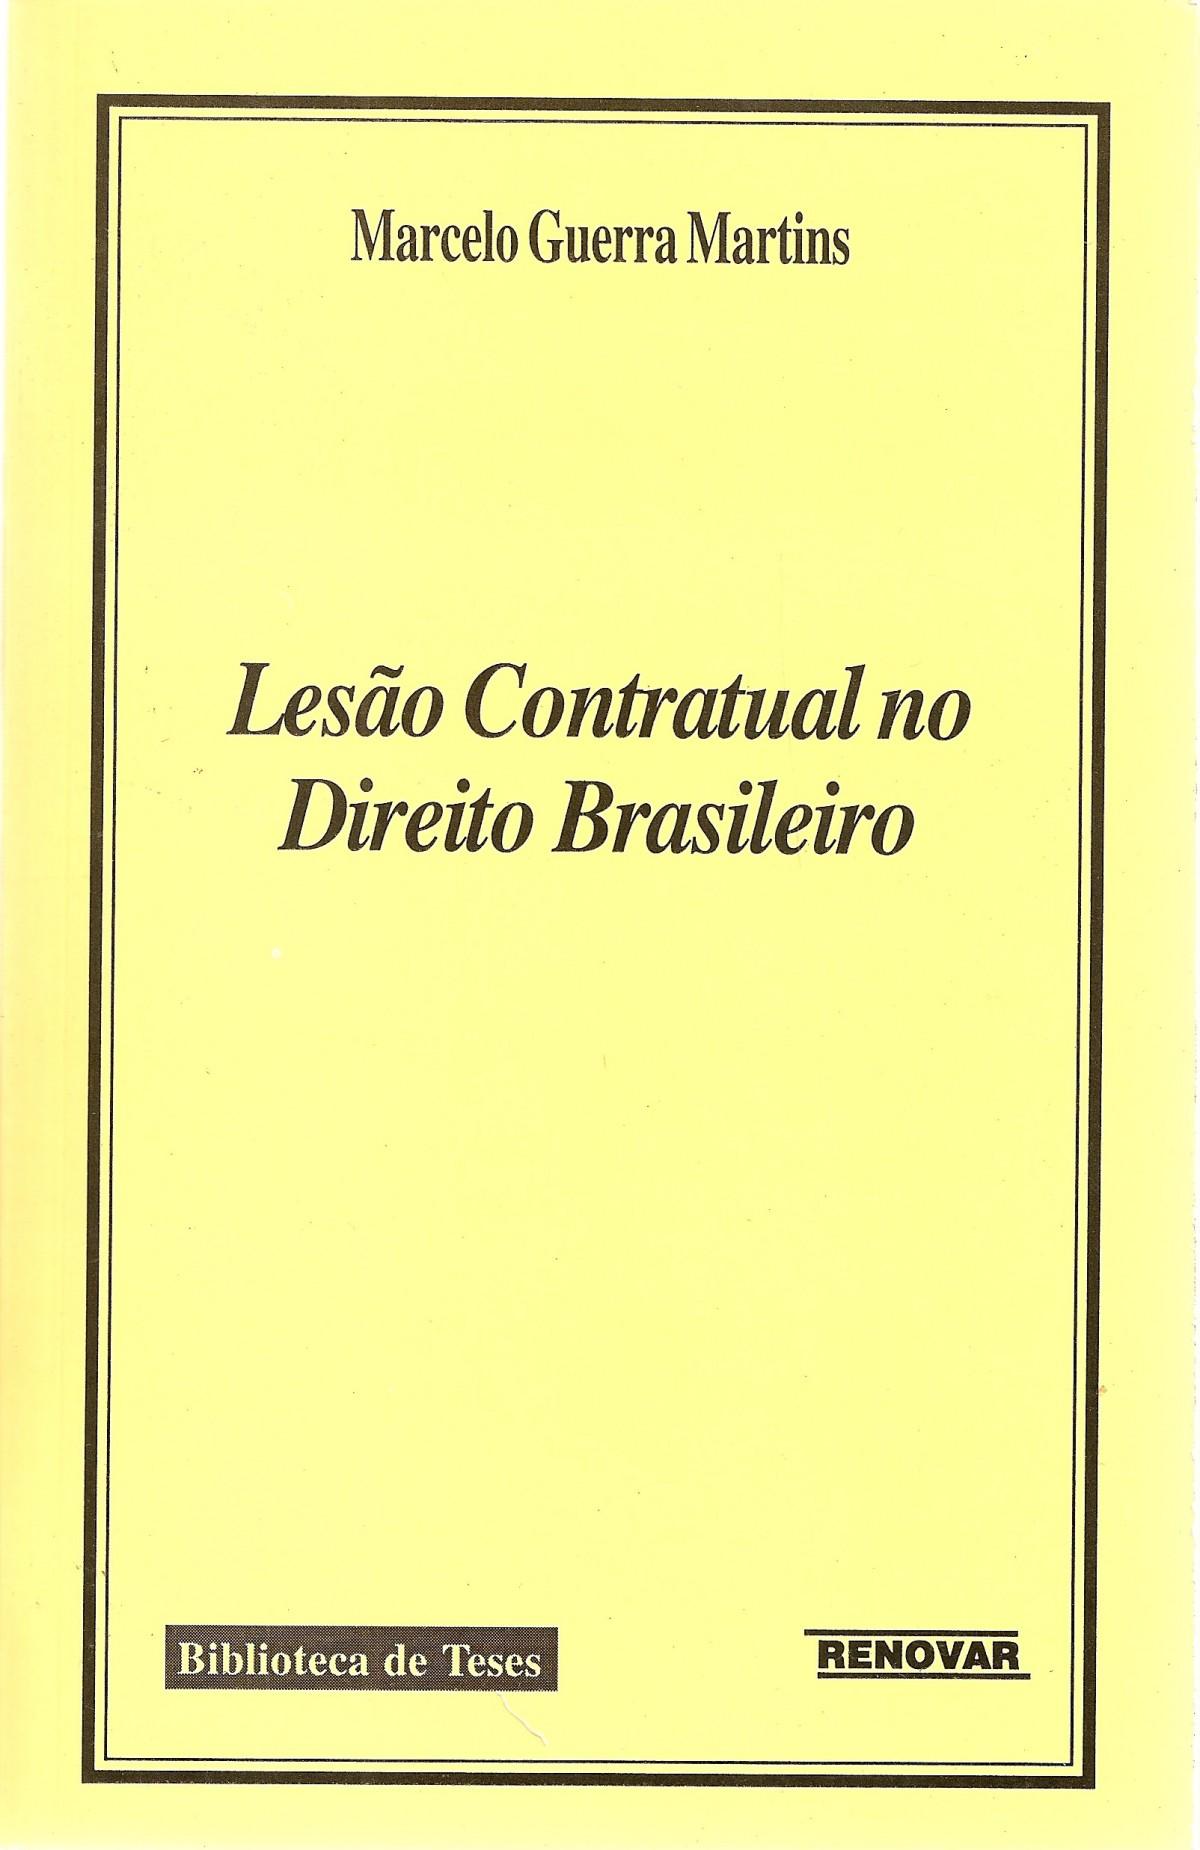 Foto 1 - Lesão Contratual no Direito Brasileiro